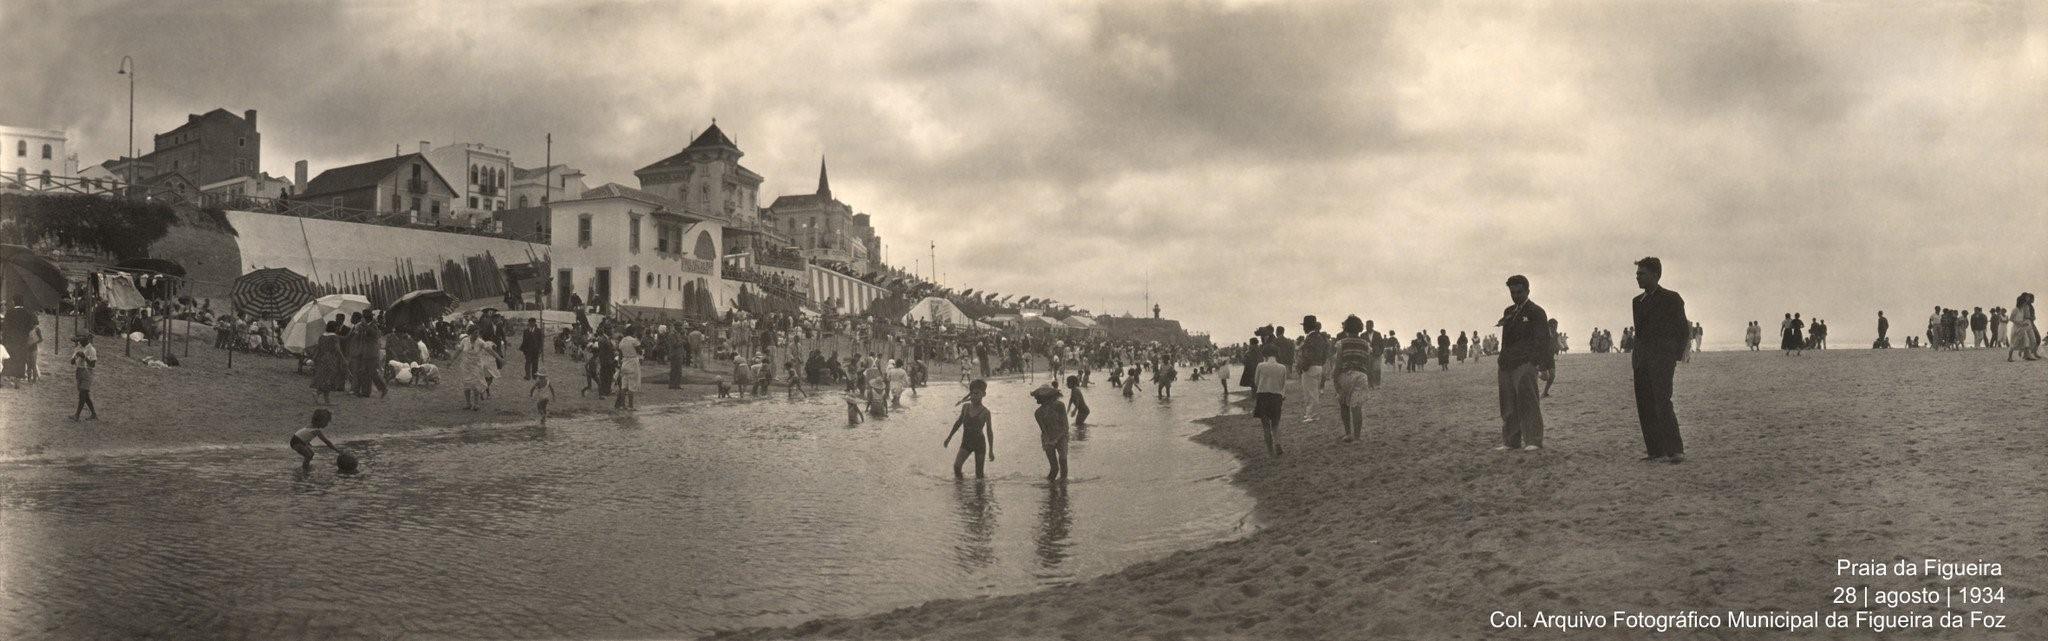 FIGUEIRA DA FOZ, A Biarritz Portuguesa